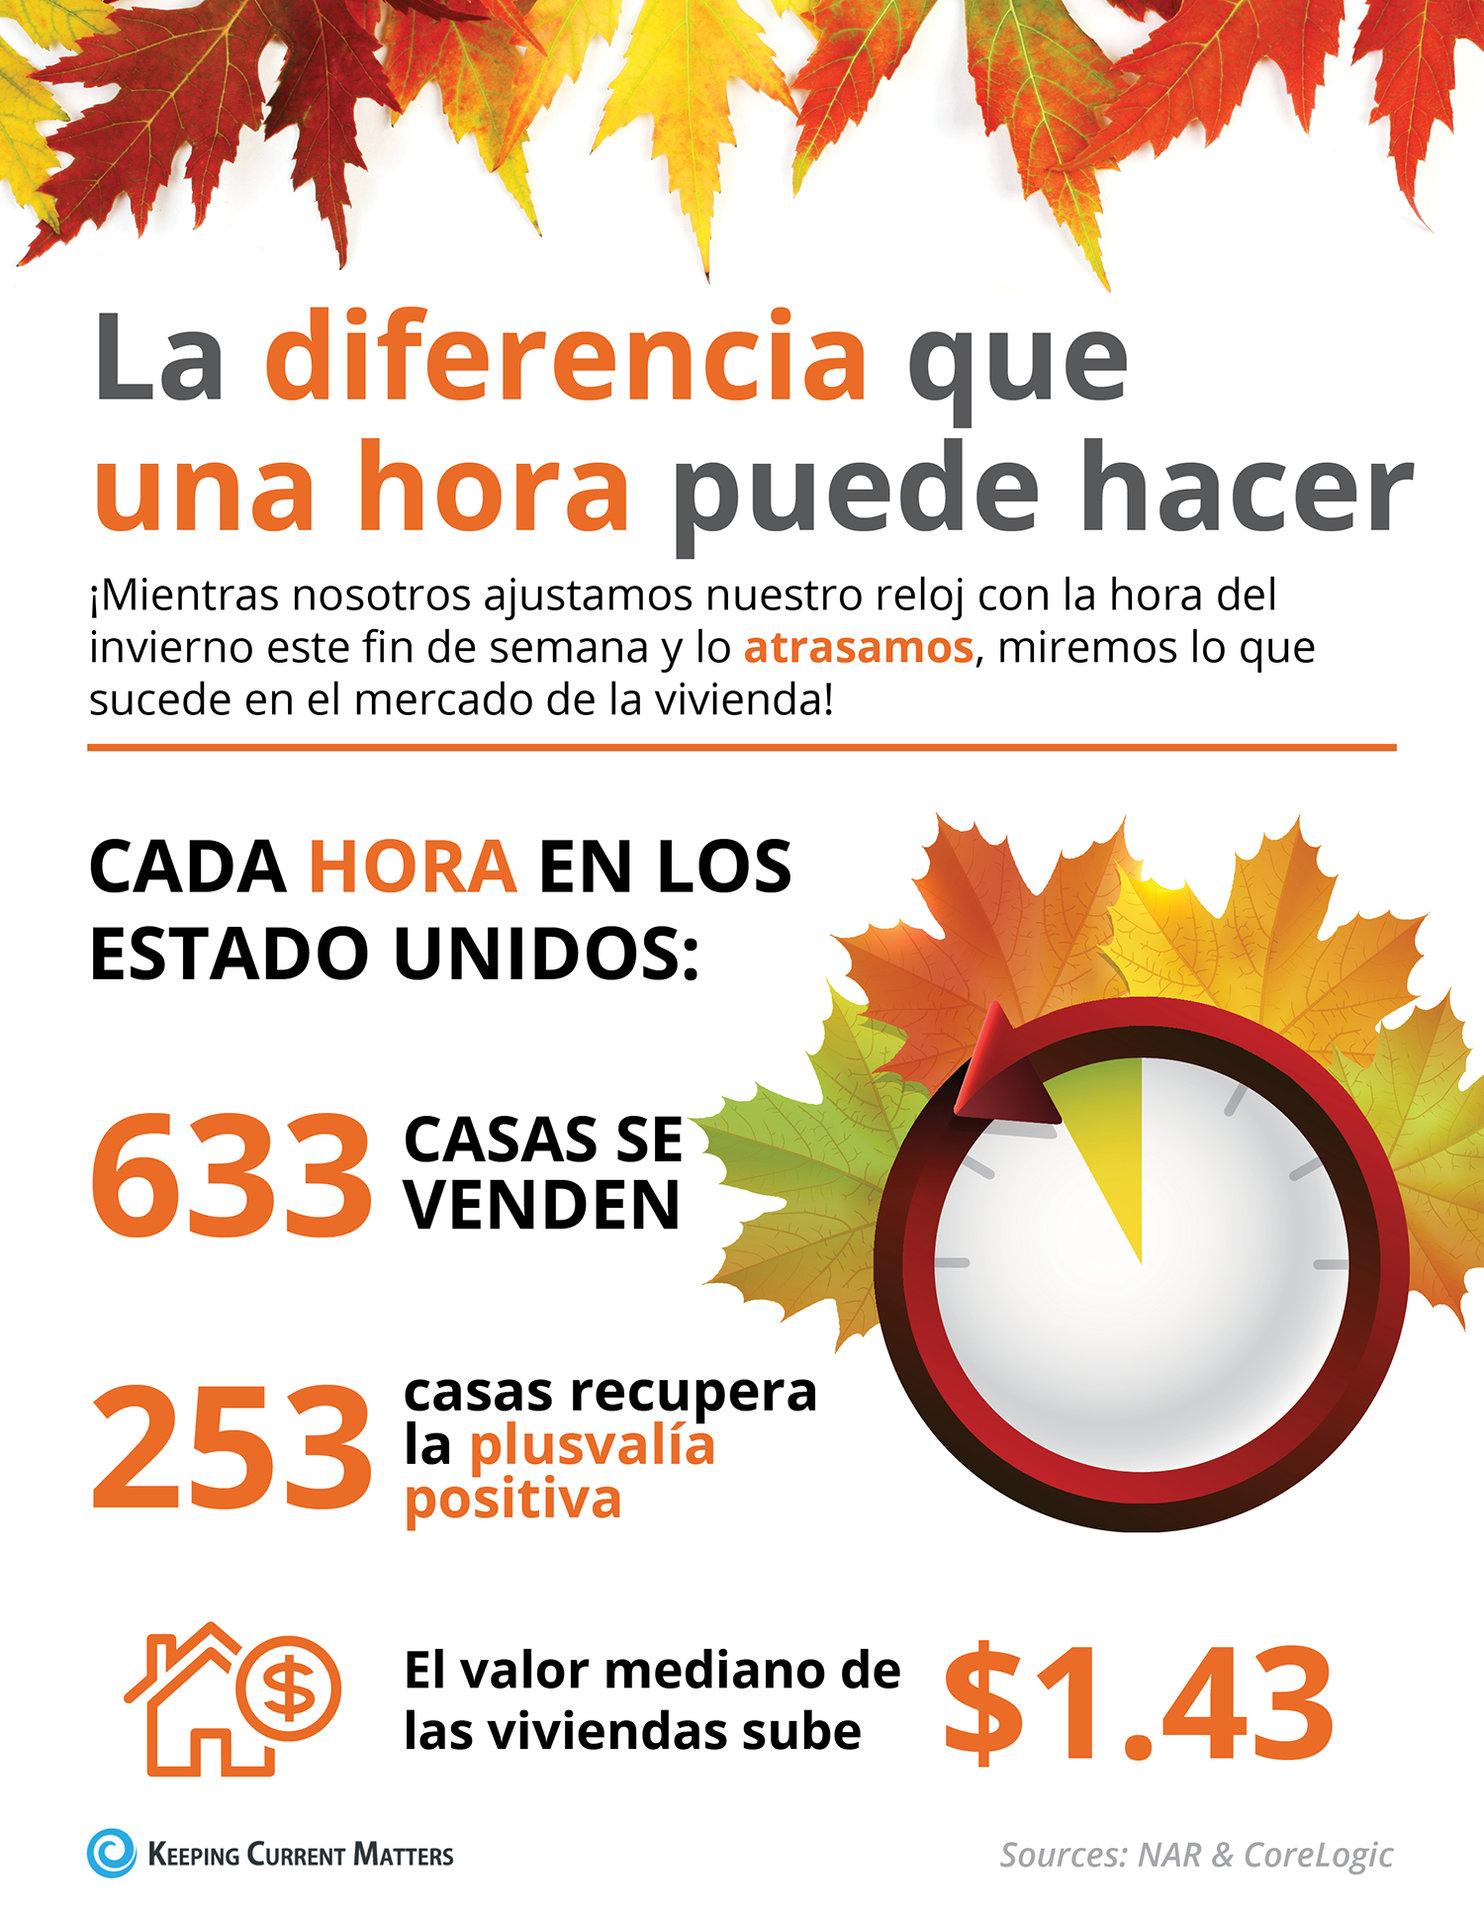 La diferencia que una hora hace este otoño [infografía] | Keeping Current Matters